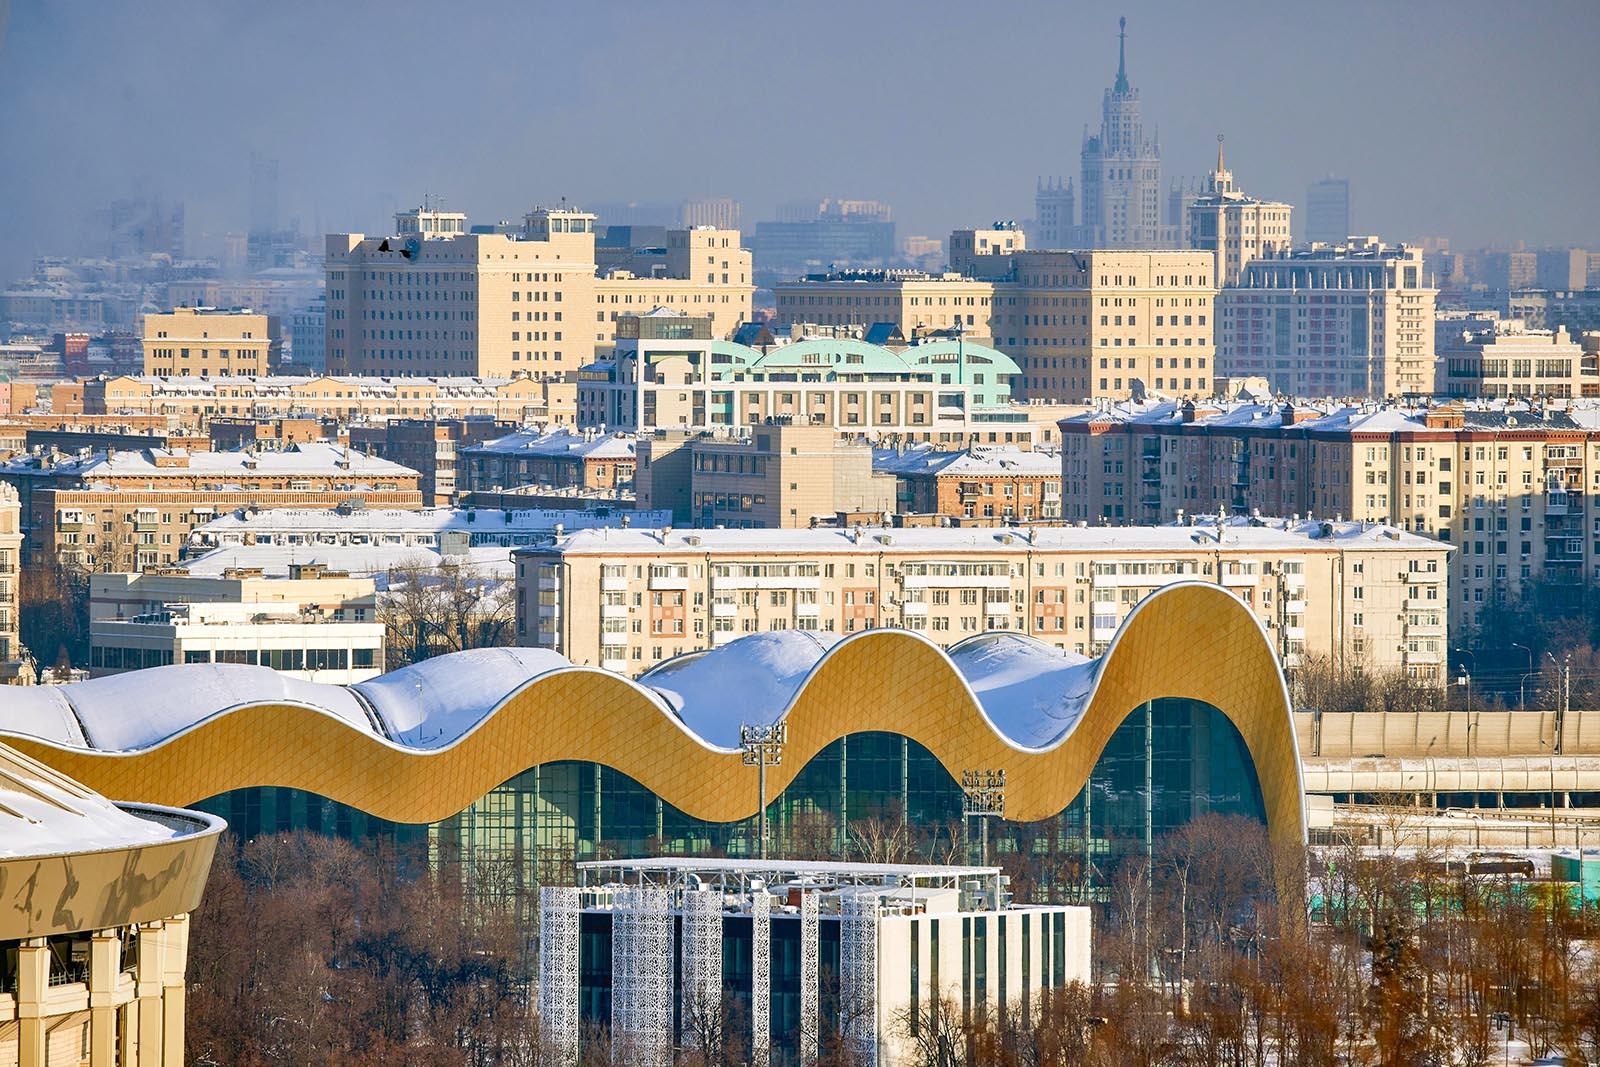 Прием заявок на соискание архитектурной премии Москвы завершится 15 февраля